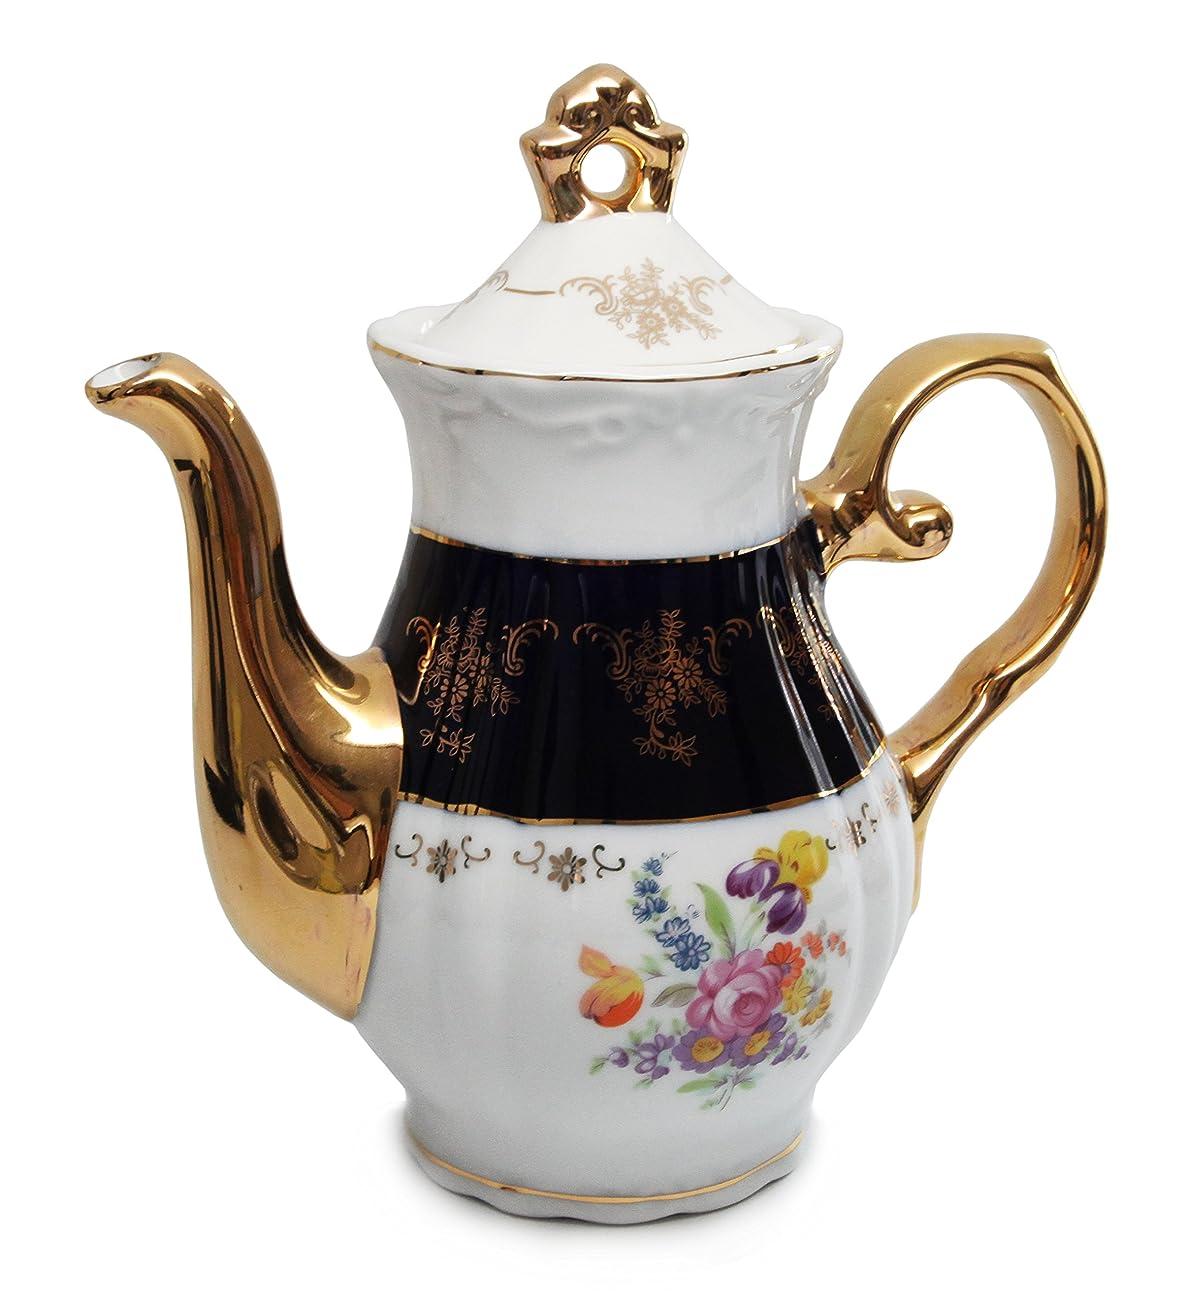 Royal Porcelain 17pc Flower-Patterned Dark Blue Tea Set, 24K Gold-Plated Original Cobalt Tableware, Service for 6 1